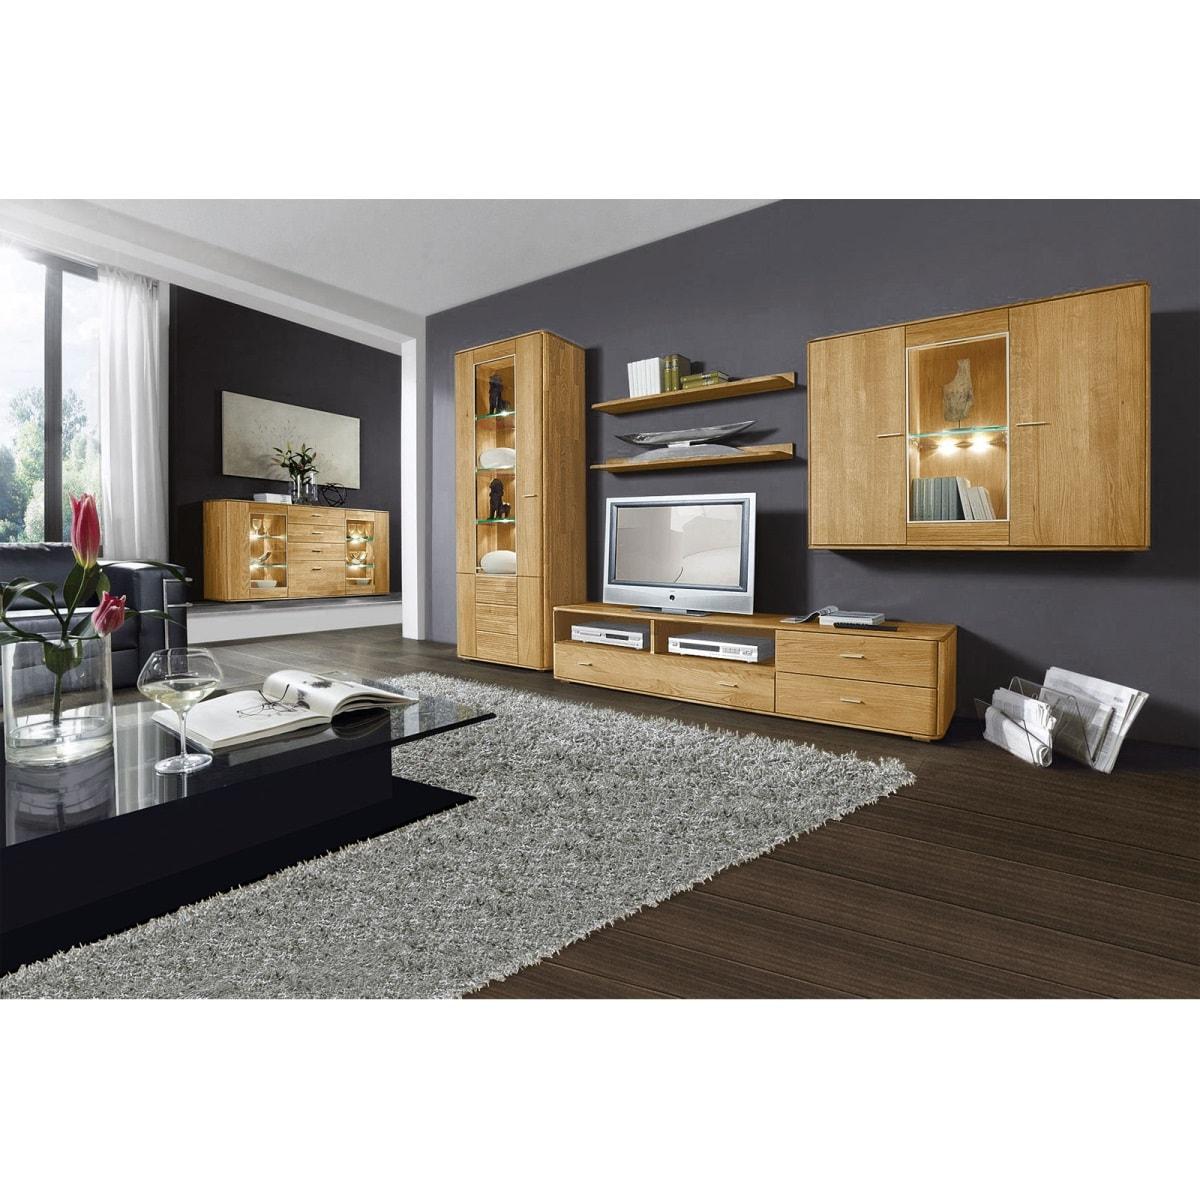 Wohnwände online kaufen » modern | porta! Online Shop